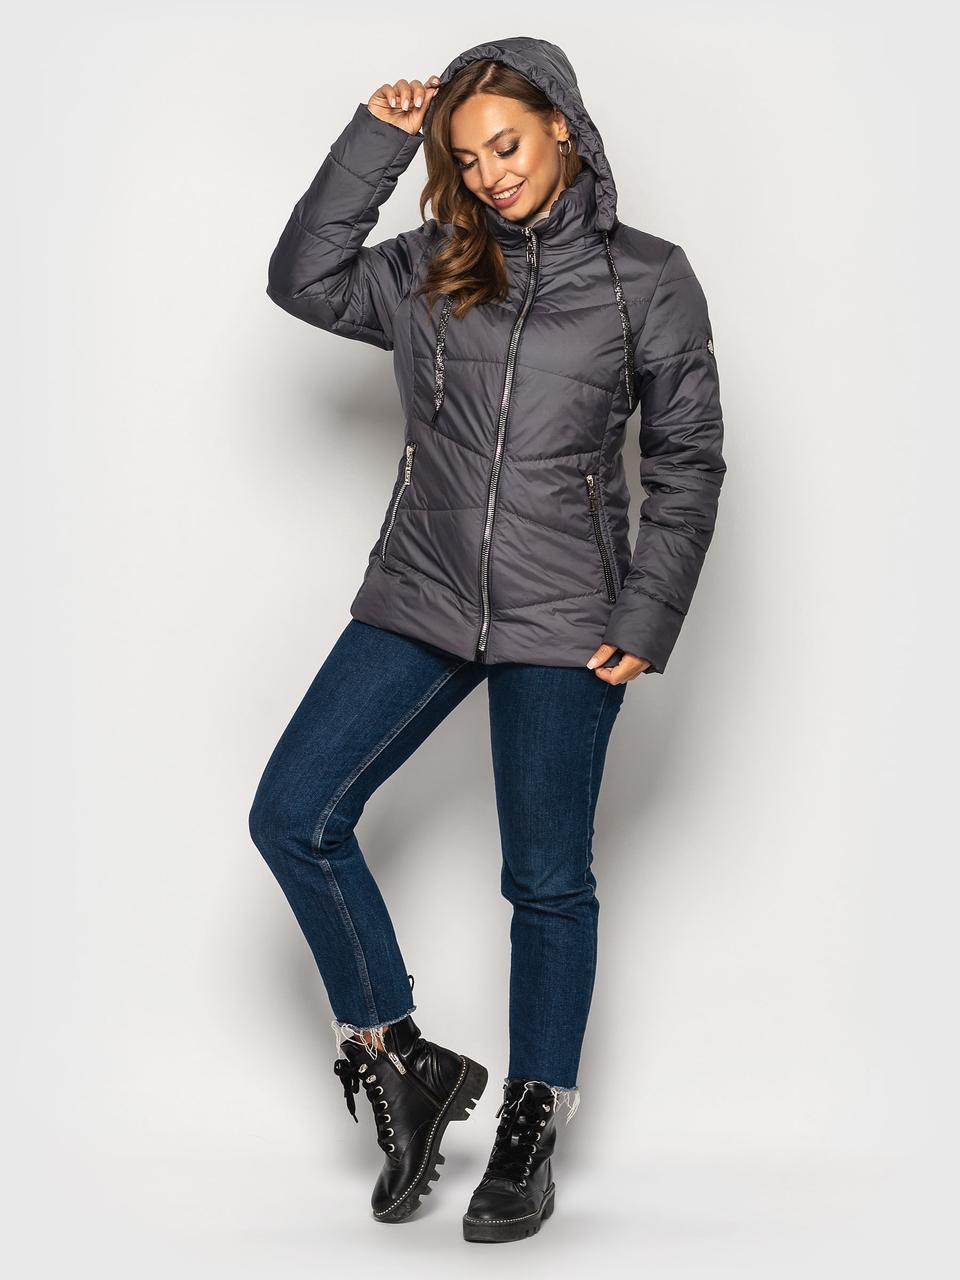 Женская демисезонная куртка Кристина серый(50-64)